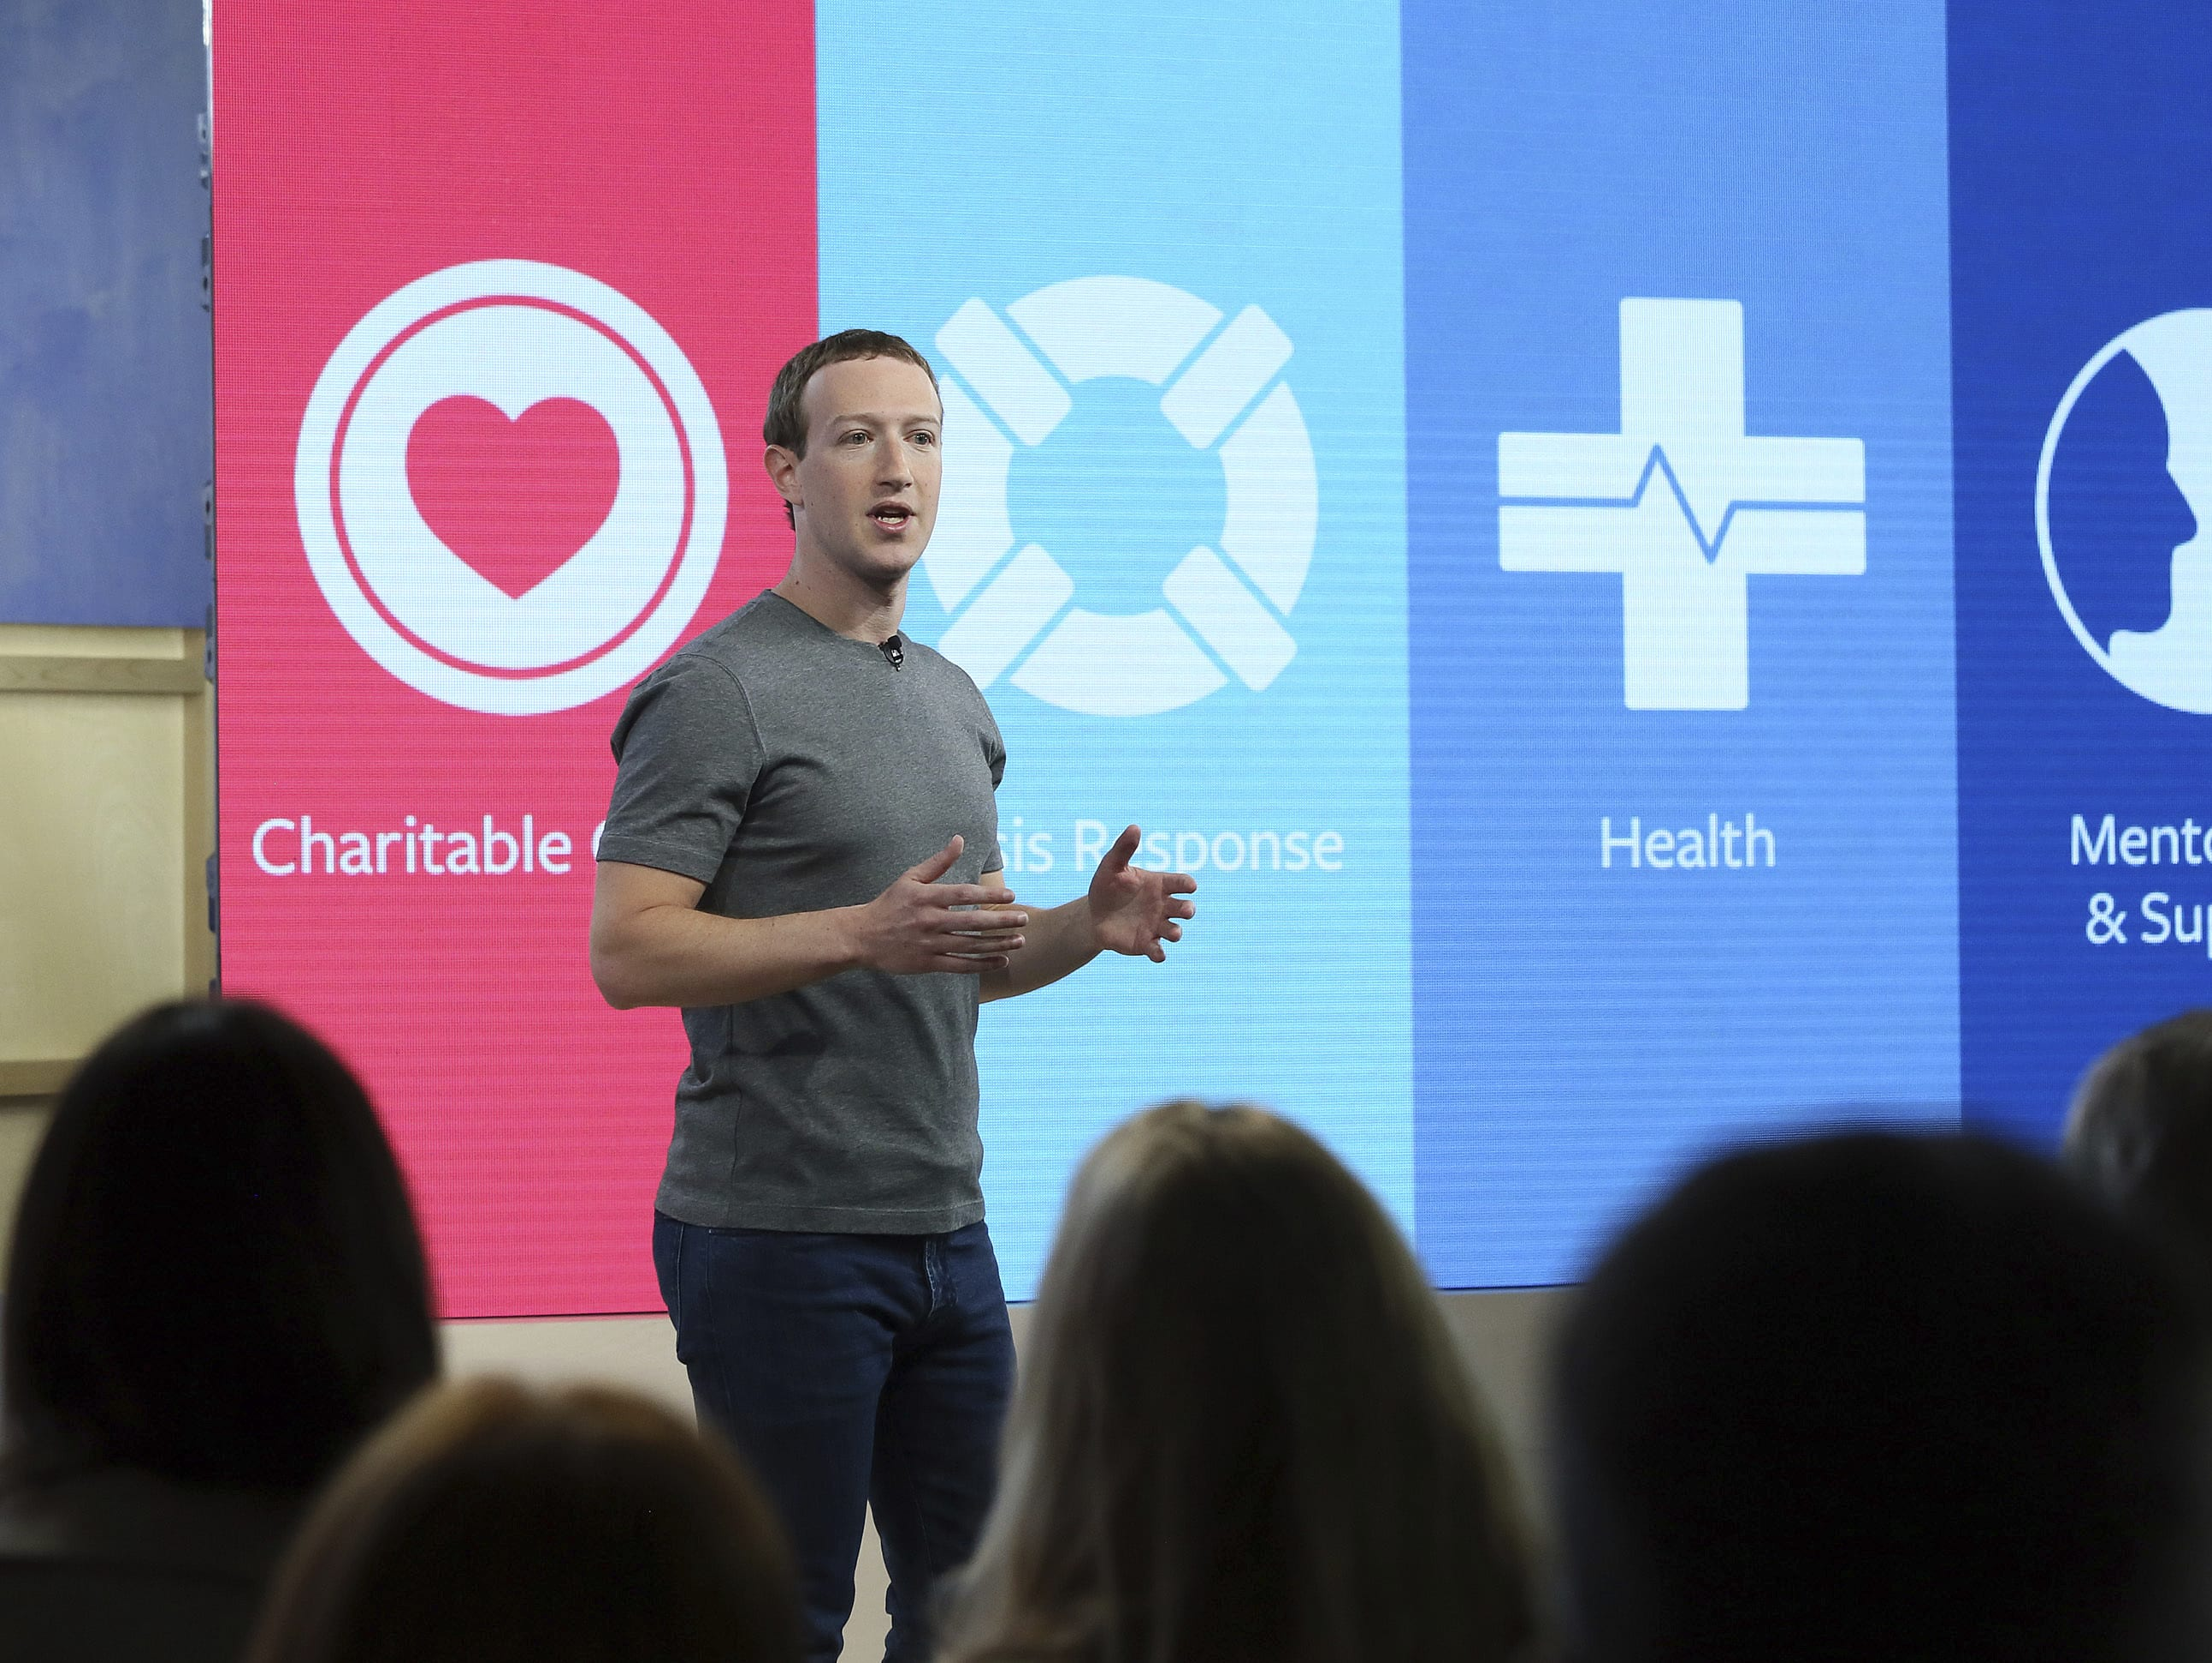 בעקבות דליפת פרטי המידע: חקירה בישראל נגד פייסבוק